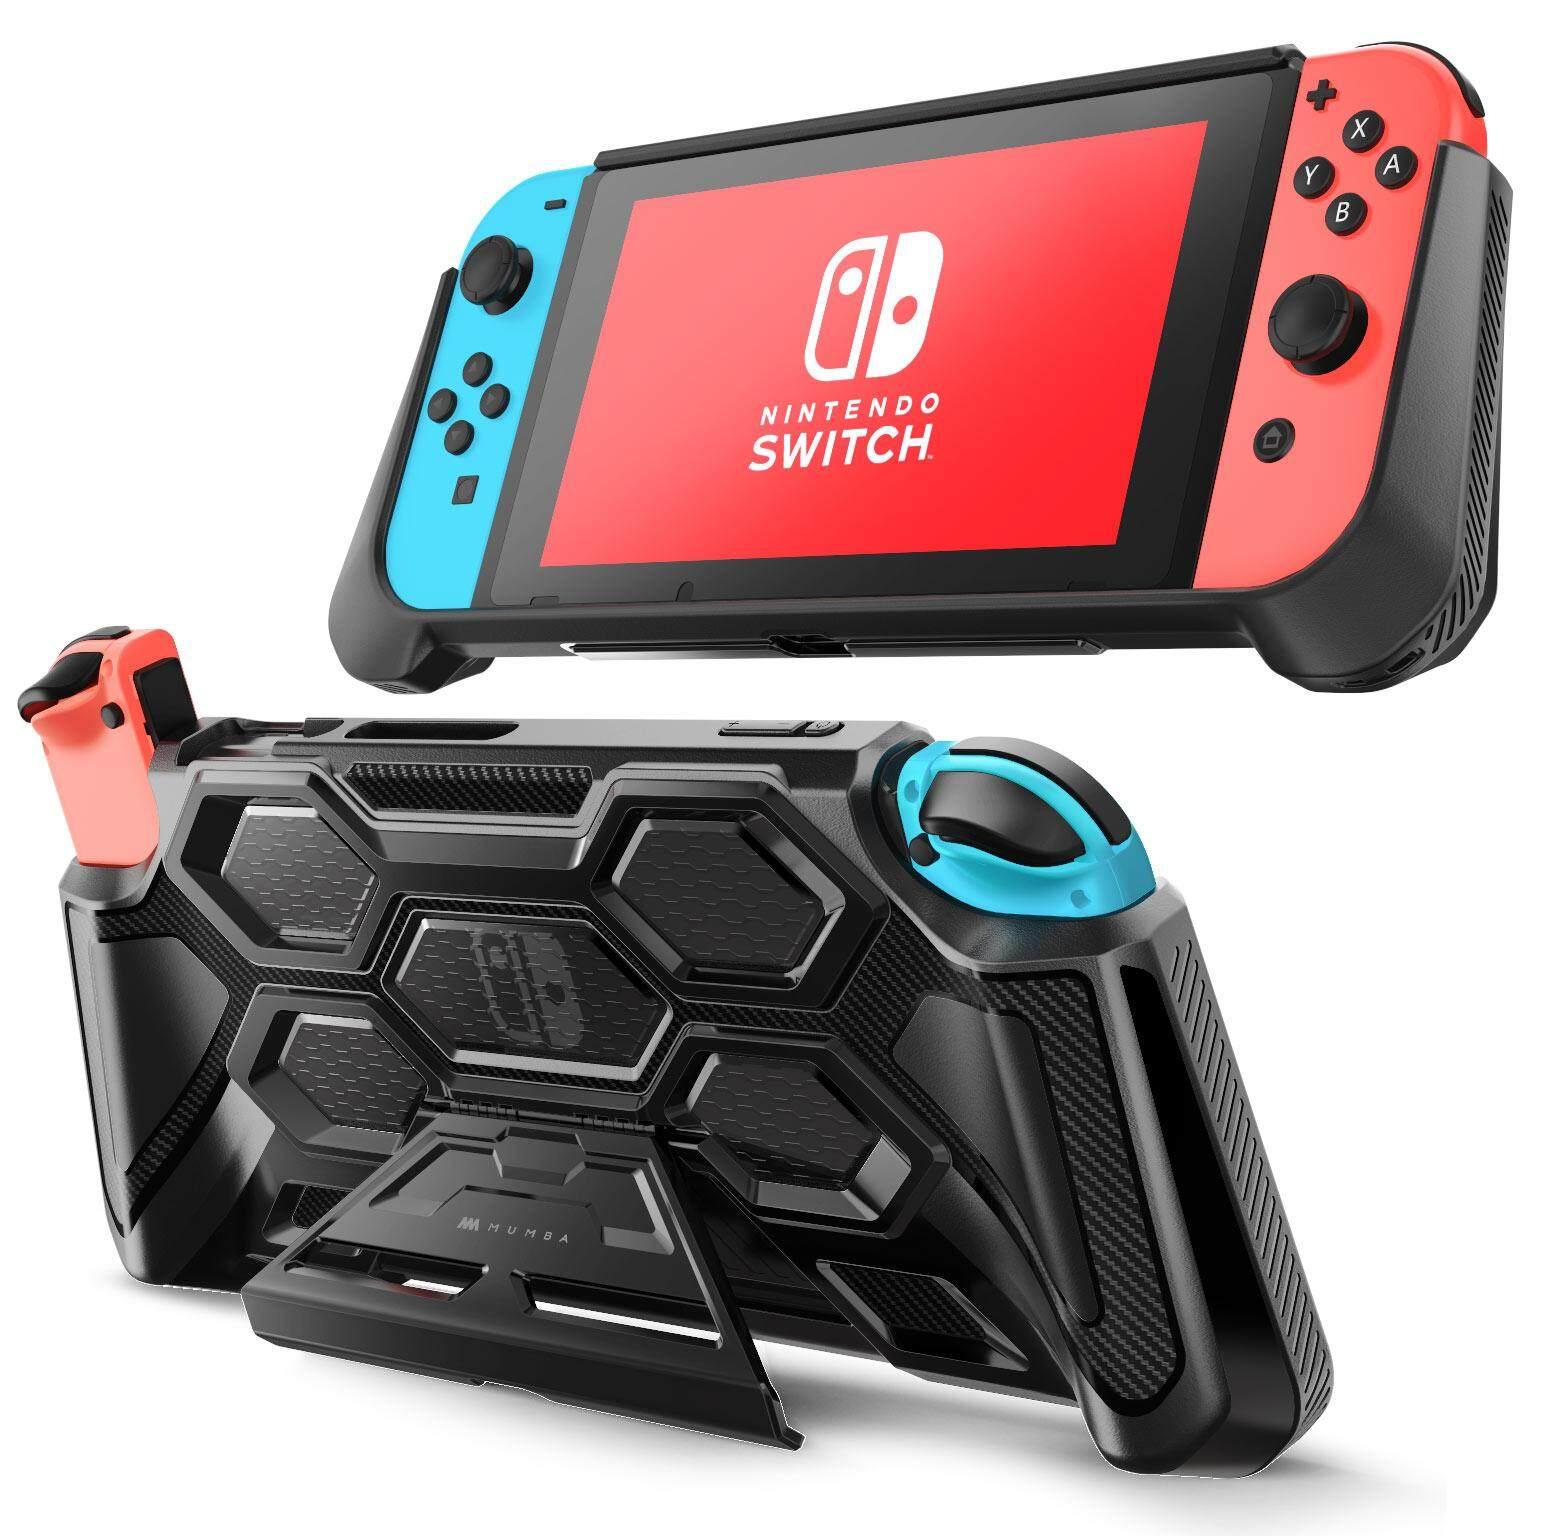 Giá Mumba Ốp Lưng Bảo Vệ cho Máy Nintendo Switch Nặng Cầm dành cho Máy Nintendo Switch kèm Thoải Mái Đệm Tay Cầm & chân đế